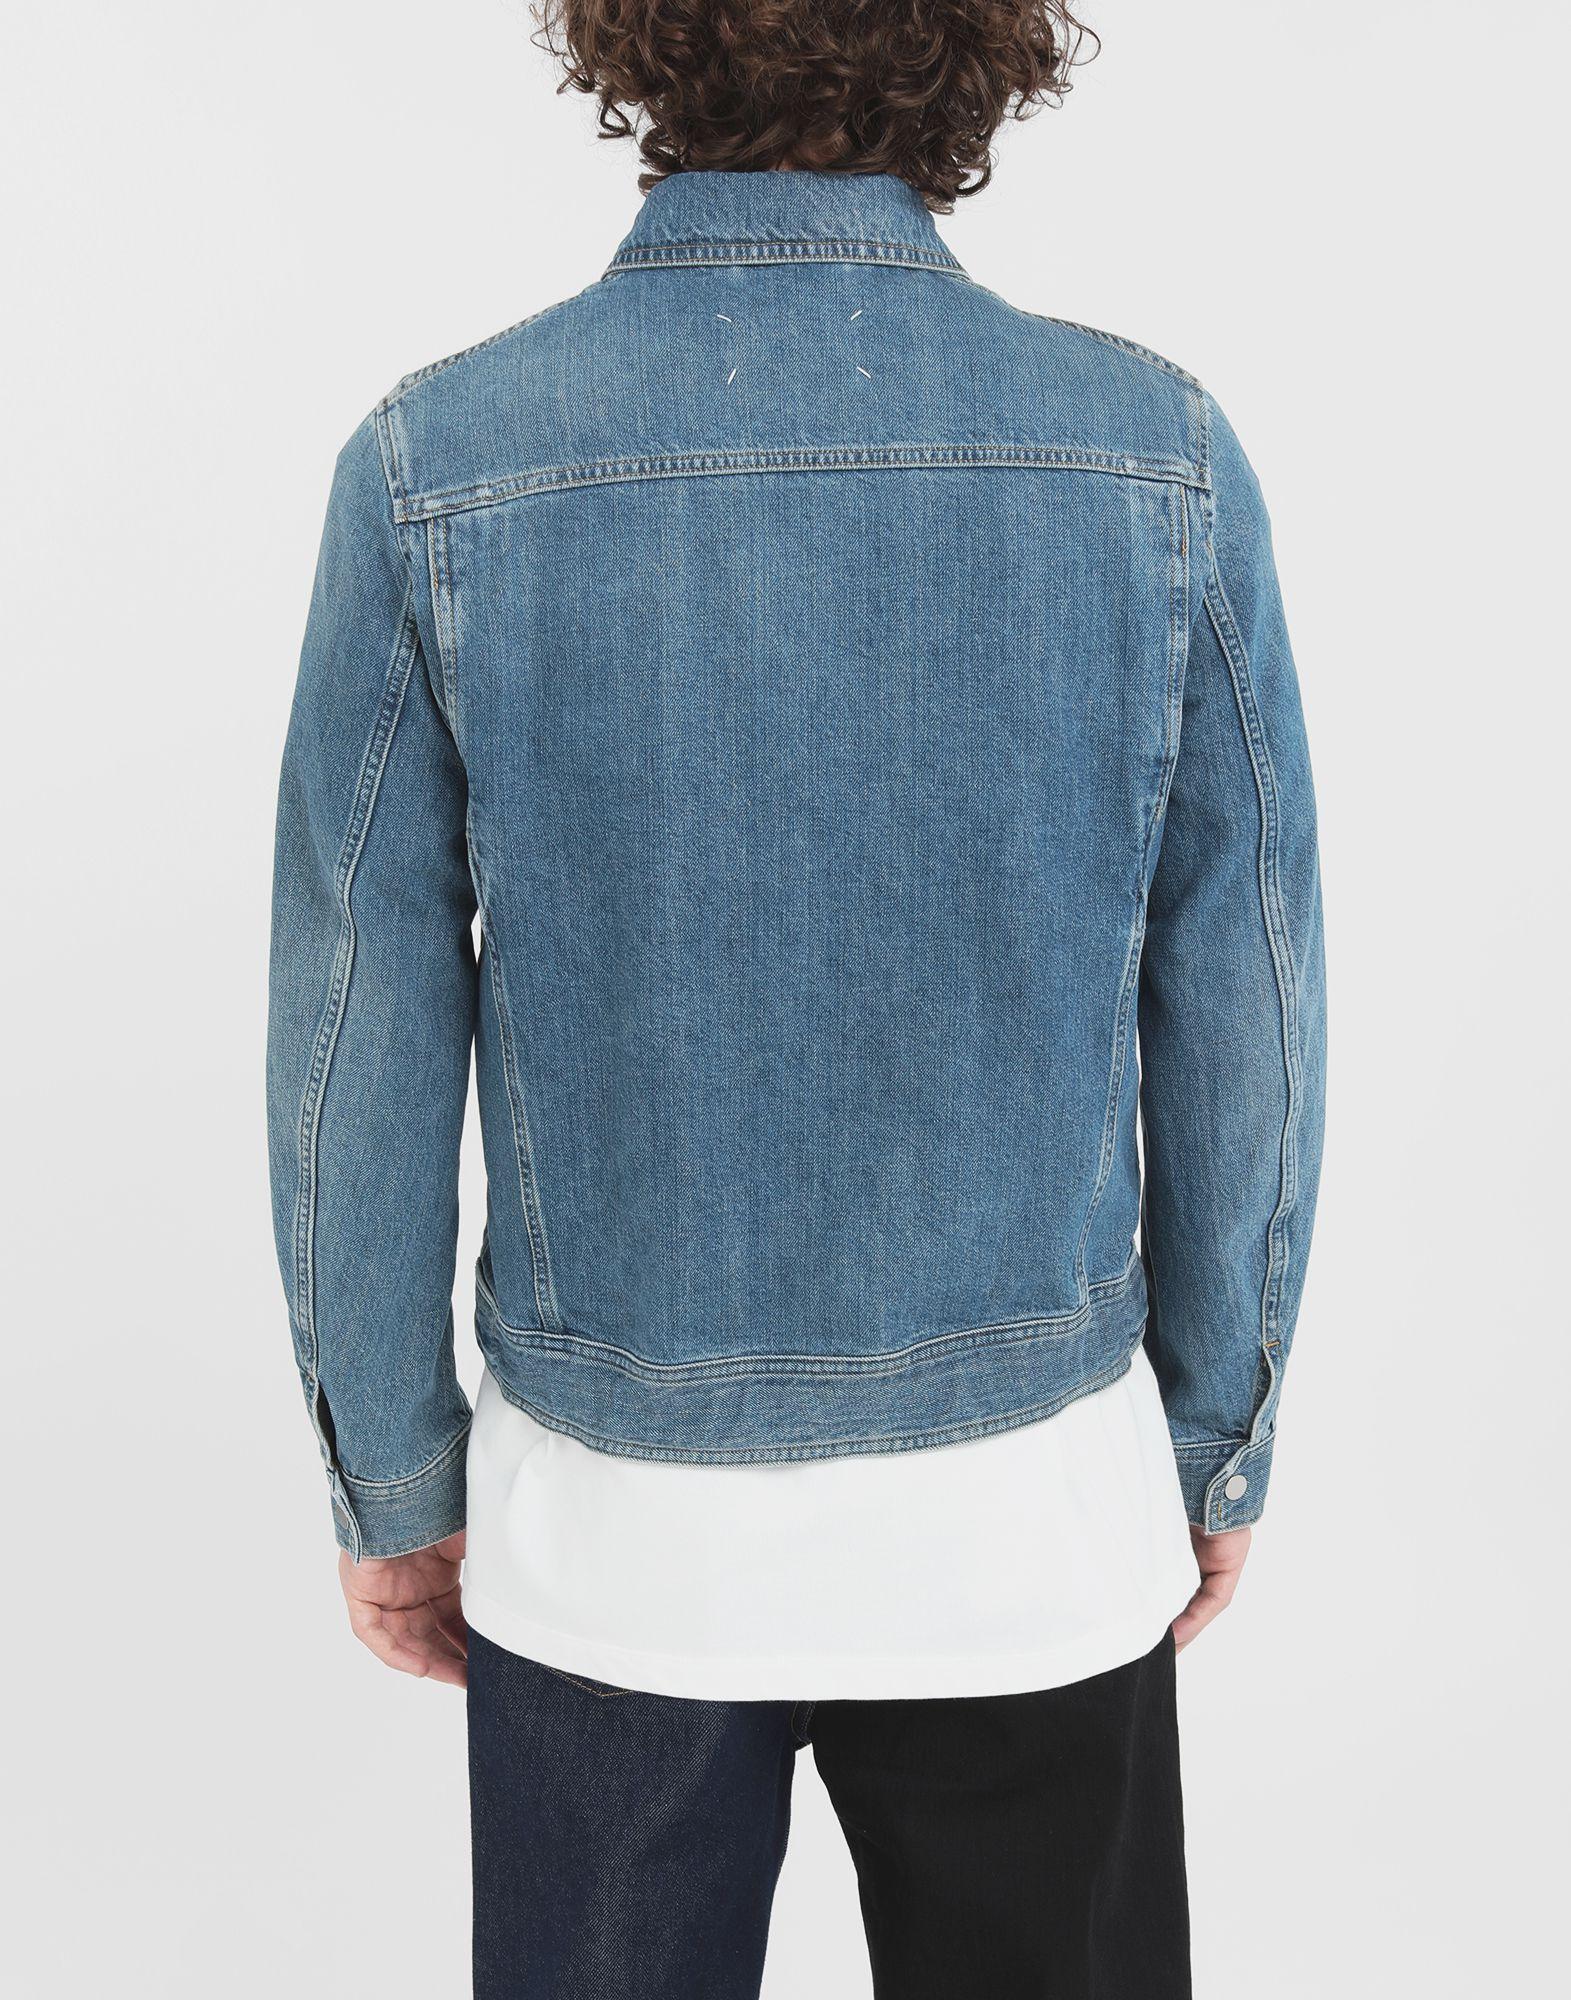 MAISON MARGIELA Zip denim jacket Blazer Man e